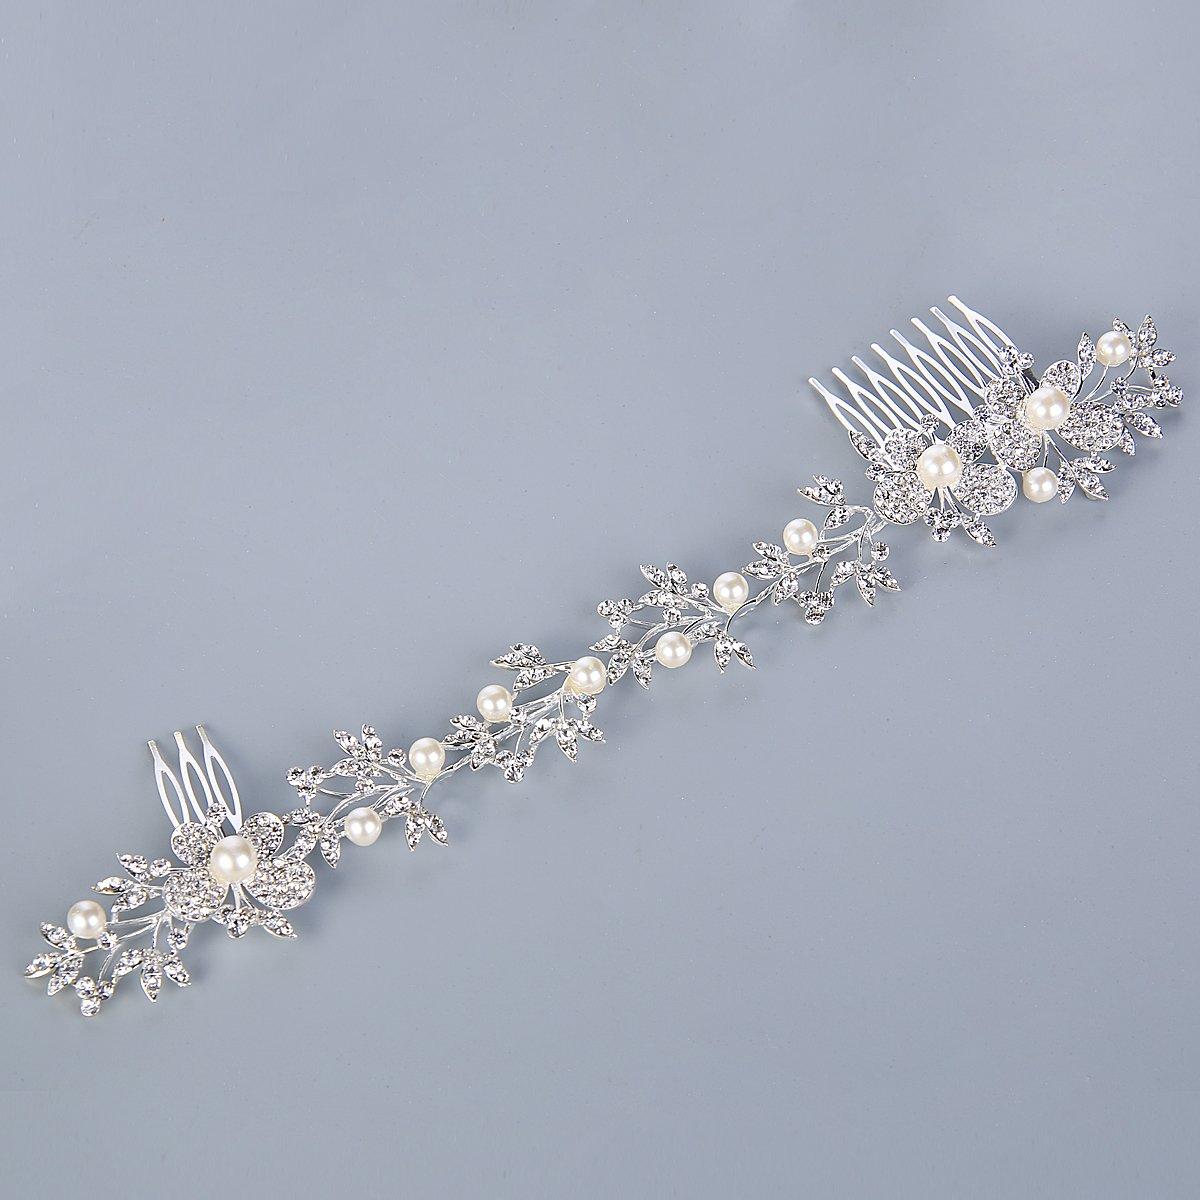 Clearine Damen B/öhmisch Ivory-Farbe K/ünstliche Perlen Schmetterling Kristall Braut Verformbar Haarkamm Haarschmuck